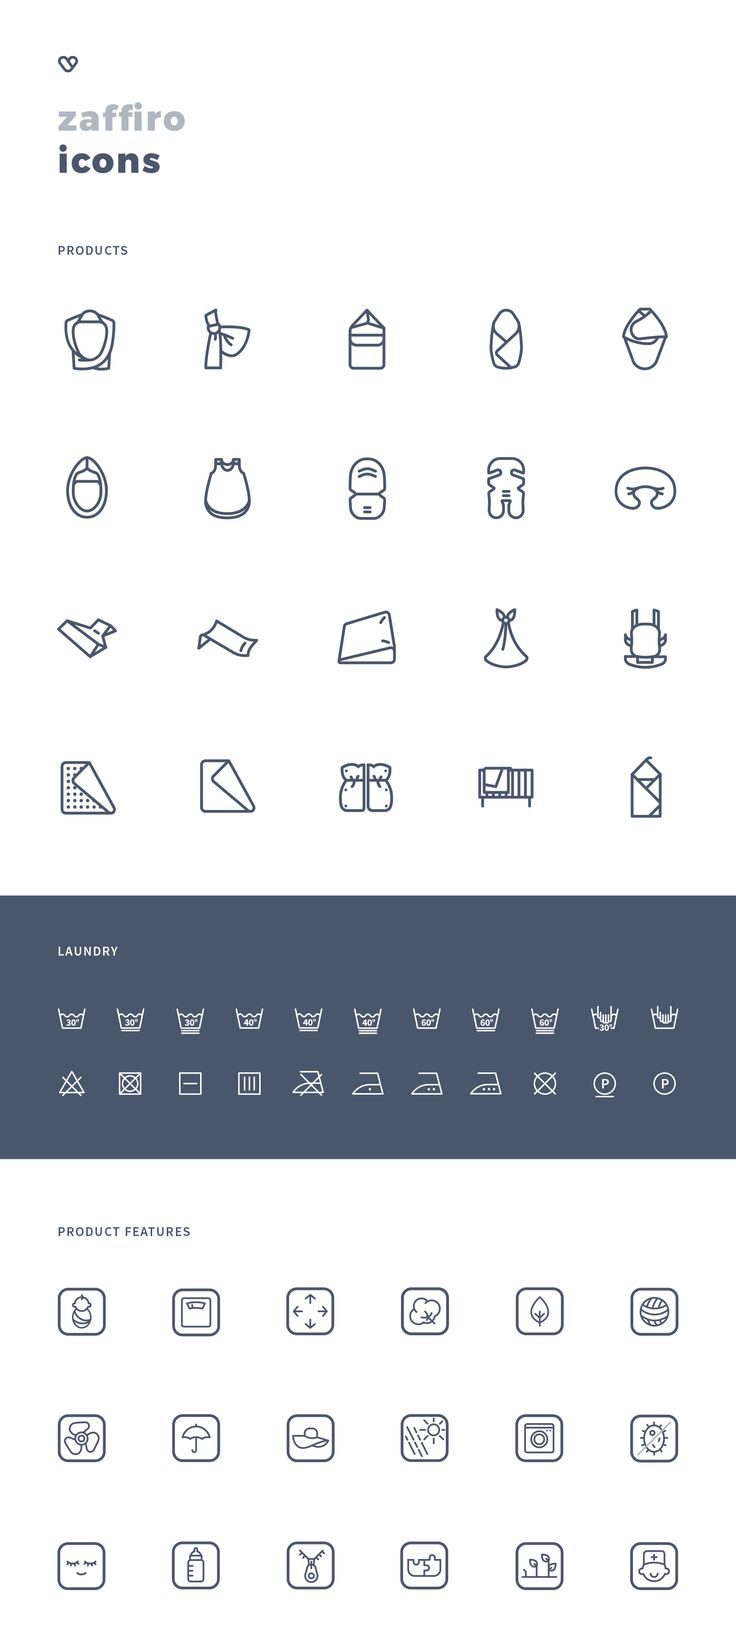 Zaffiro icons design. #pleo #picto #pictograms #icon